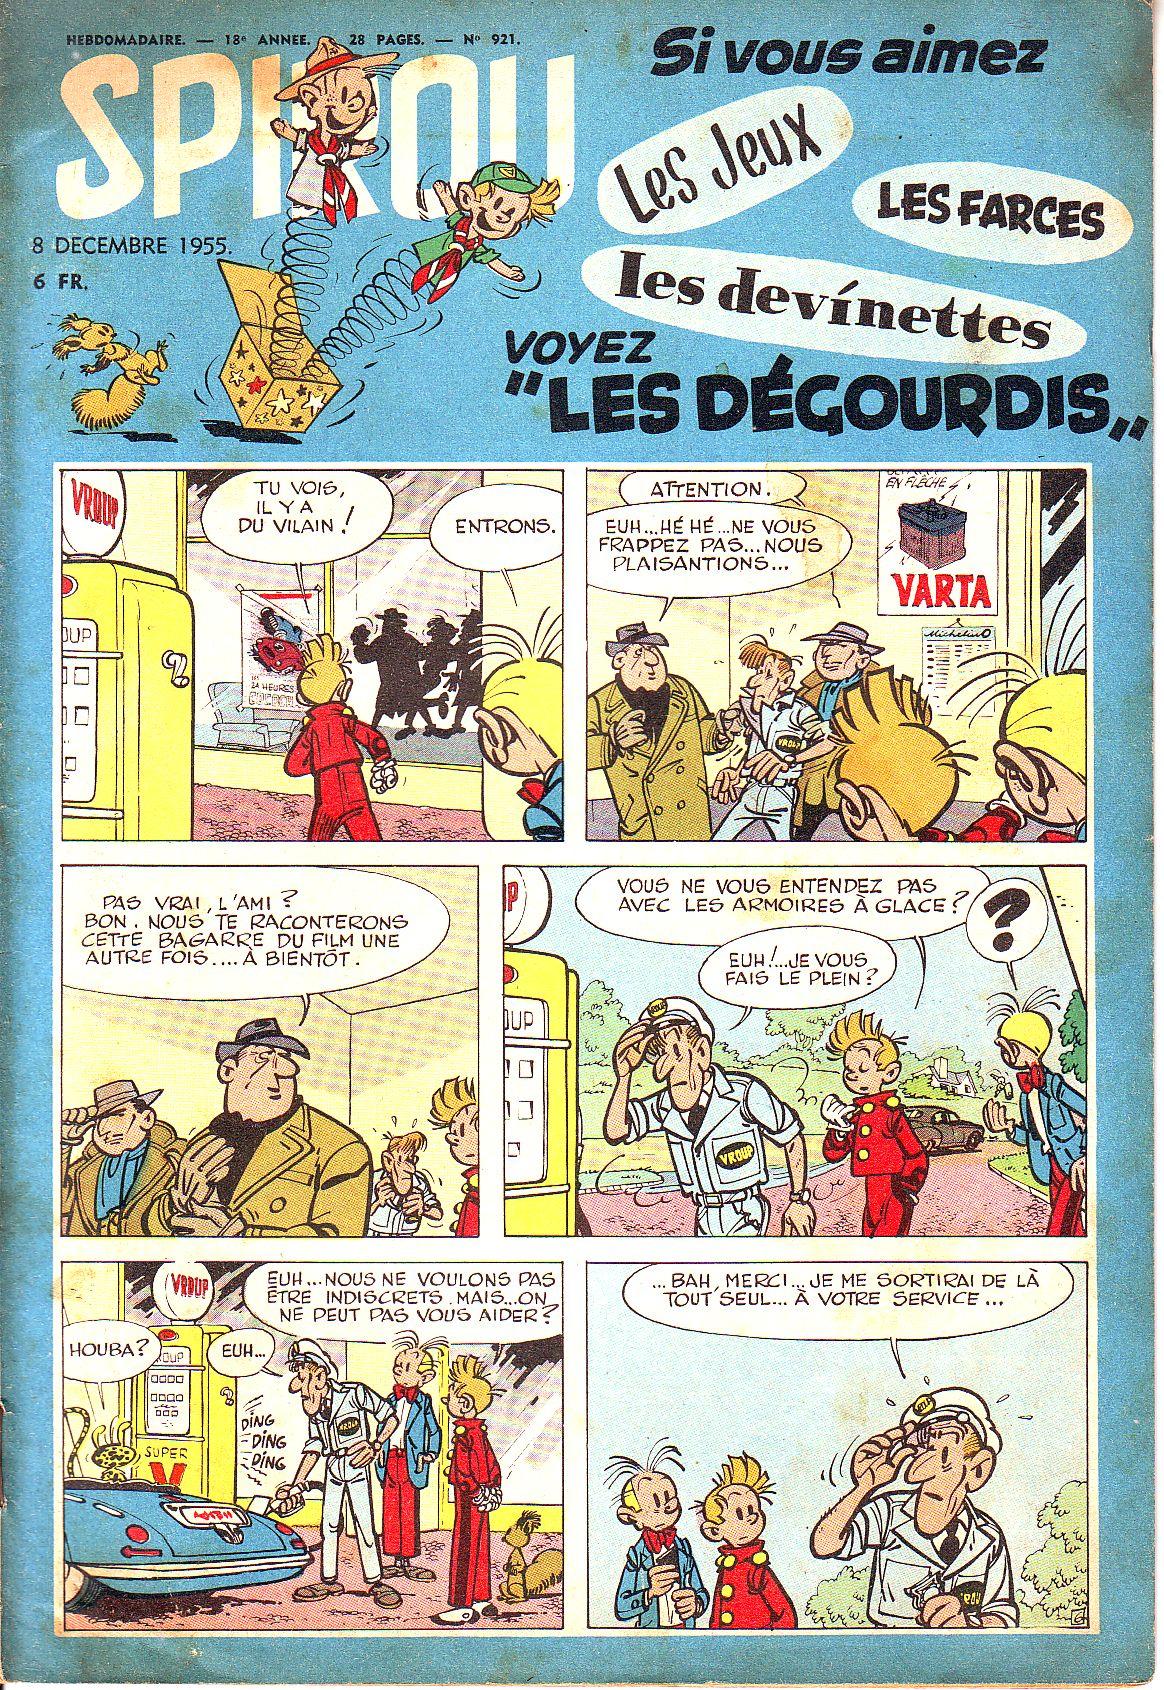 Le journal de Spirou 921